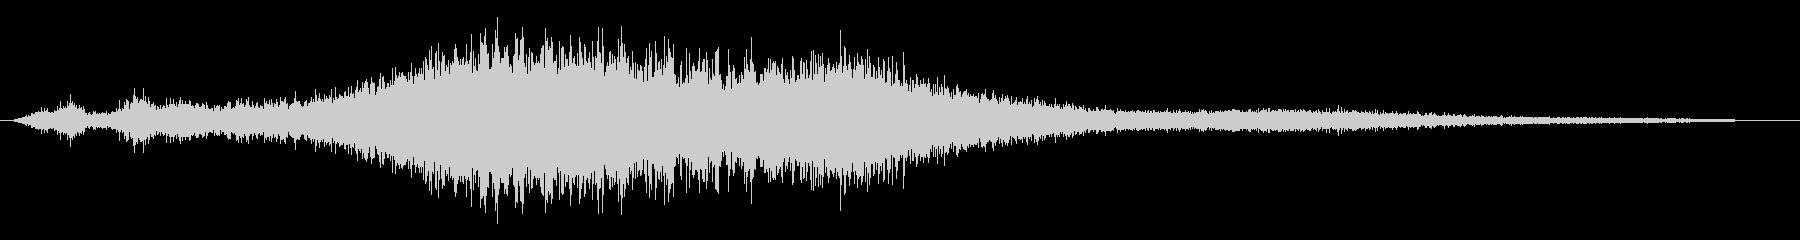 シャープティアリングフーシャー4の未再生の波形